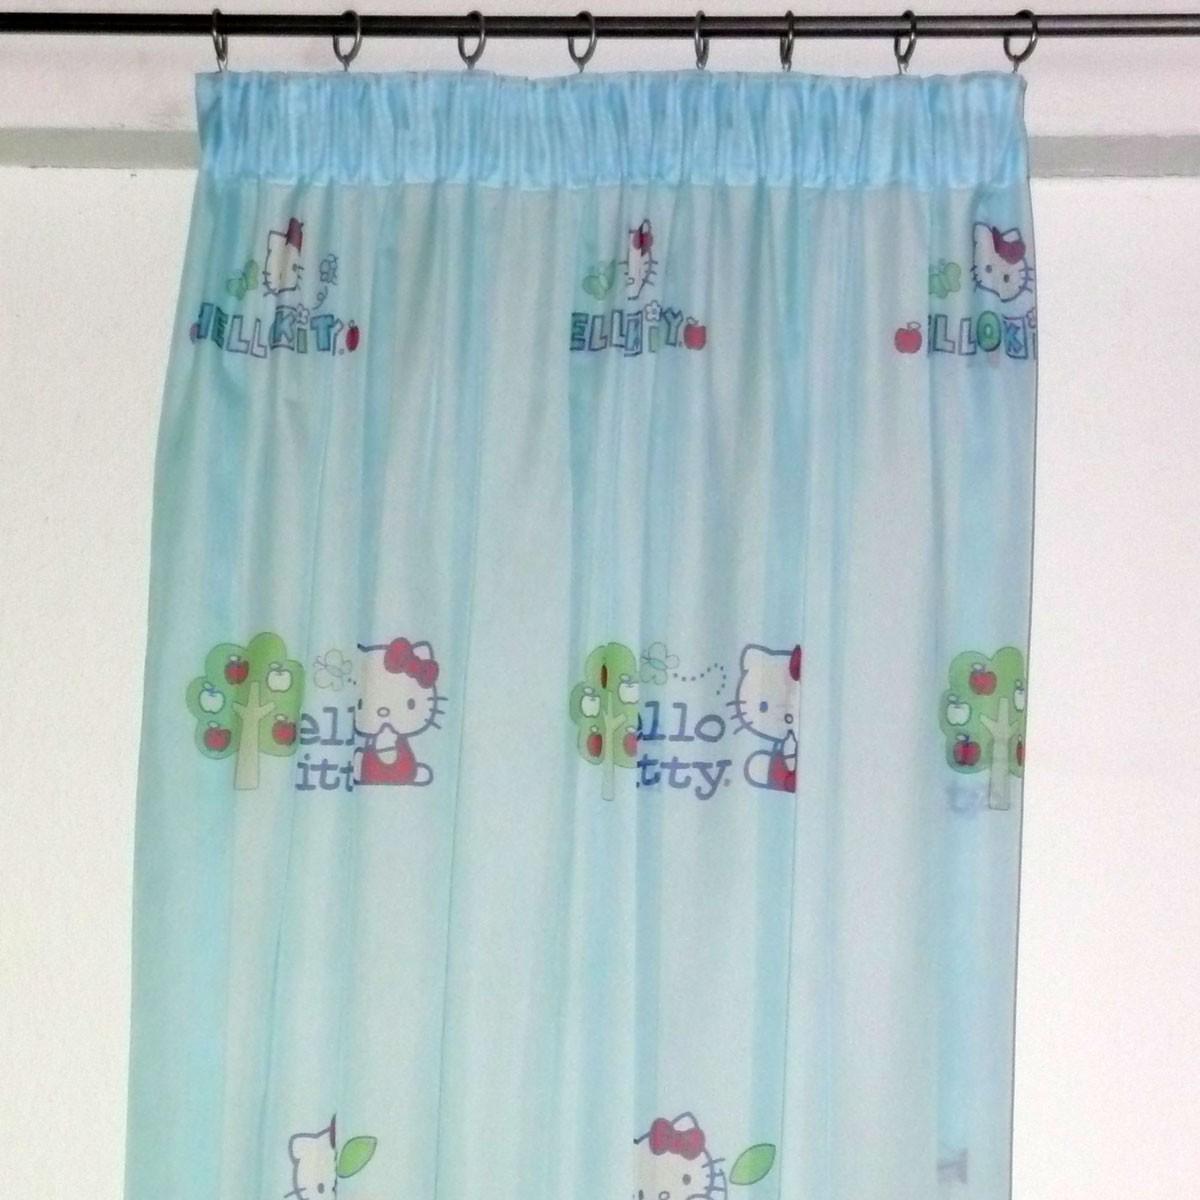 gardinen deko hello kitty gardinen set gardinen dekoration verbessern ihr zimmer shade. Black Bedroom Furniture Sets. Home Design Ideas